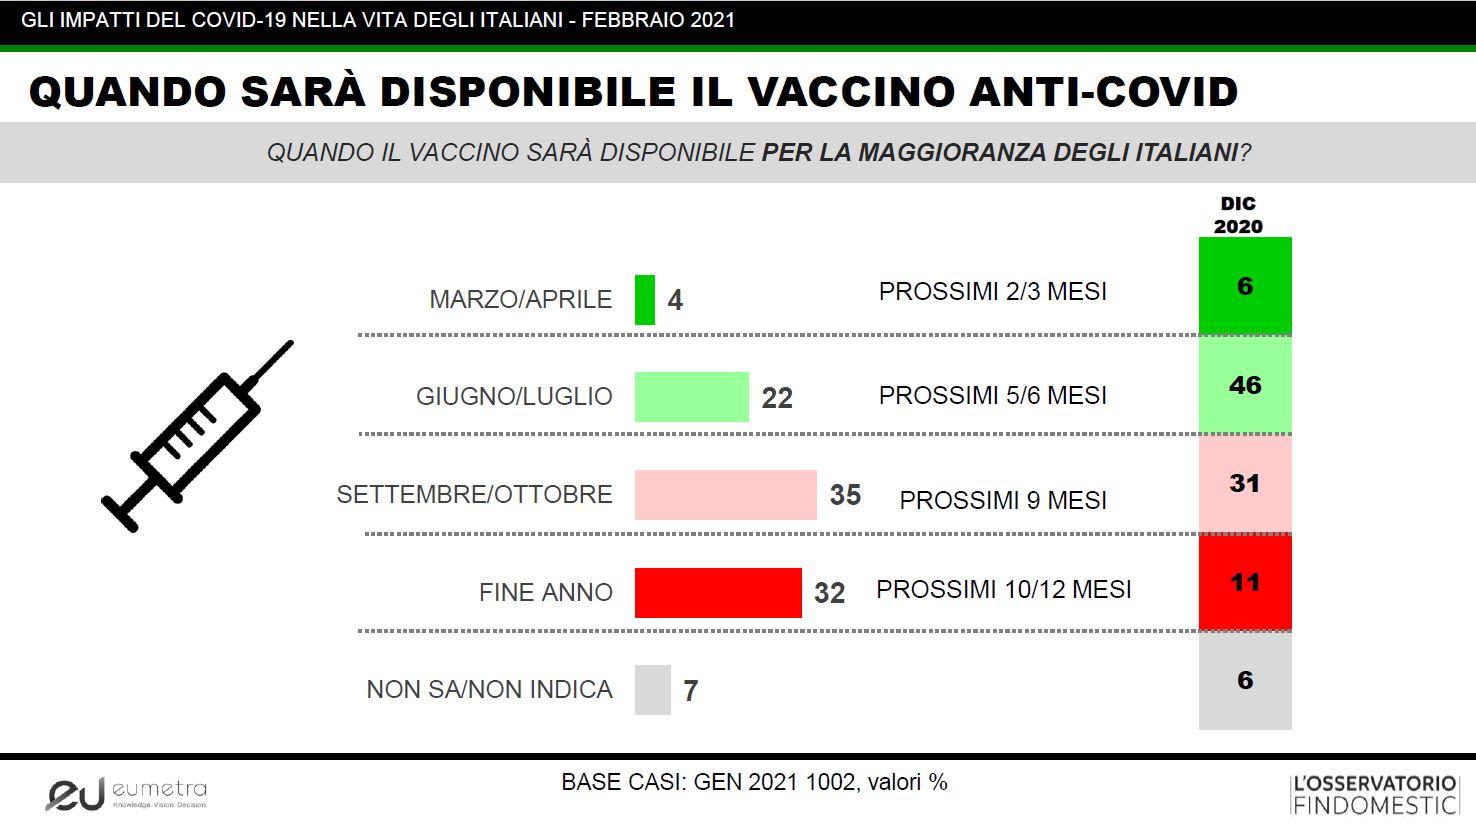 Italiani. Aspettative disponibilità vaccino